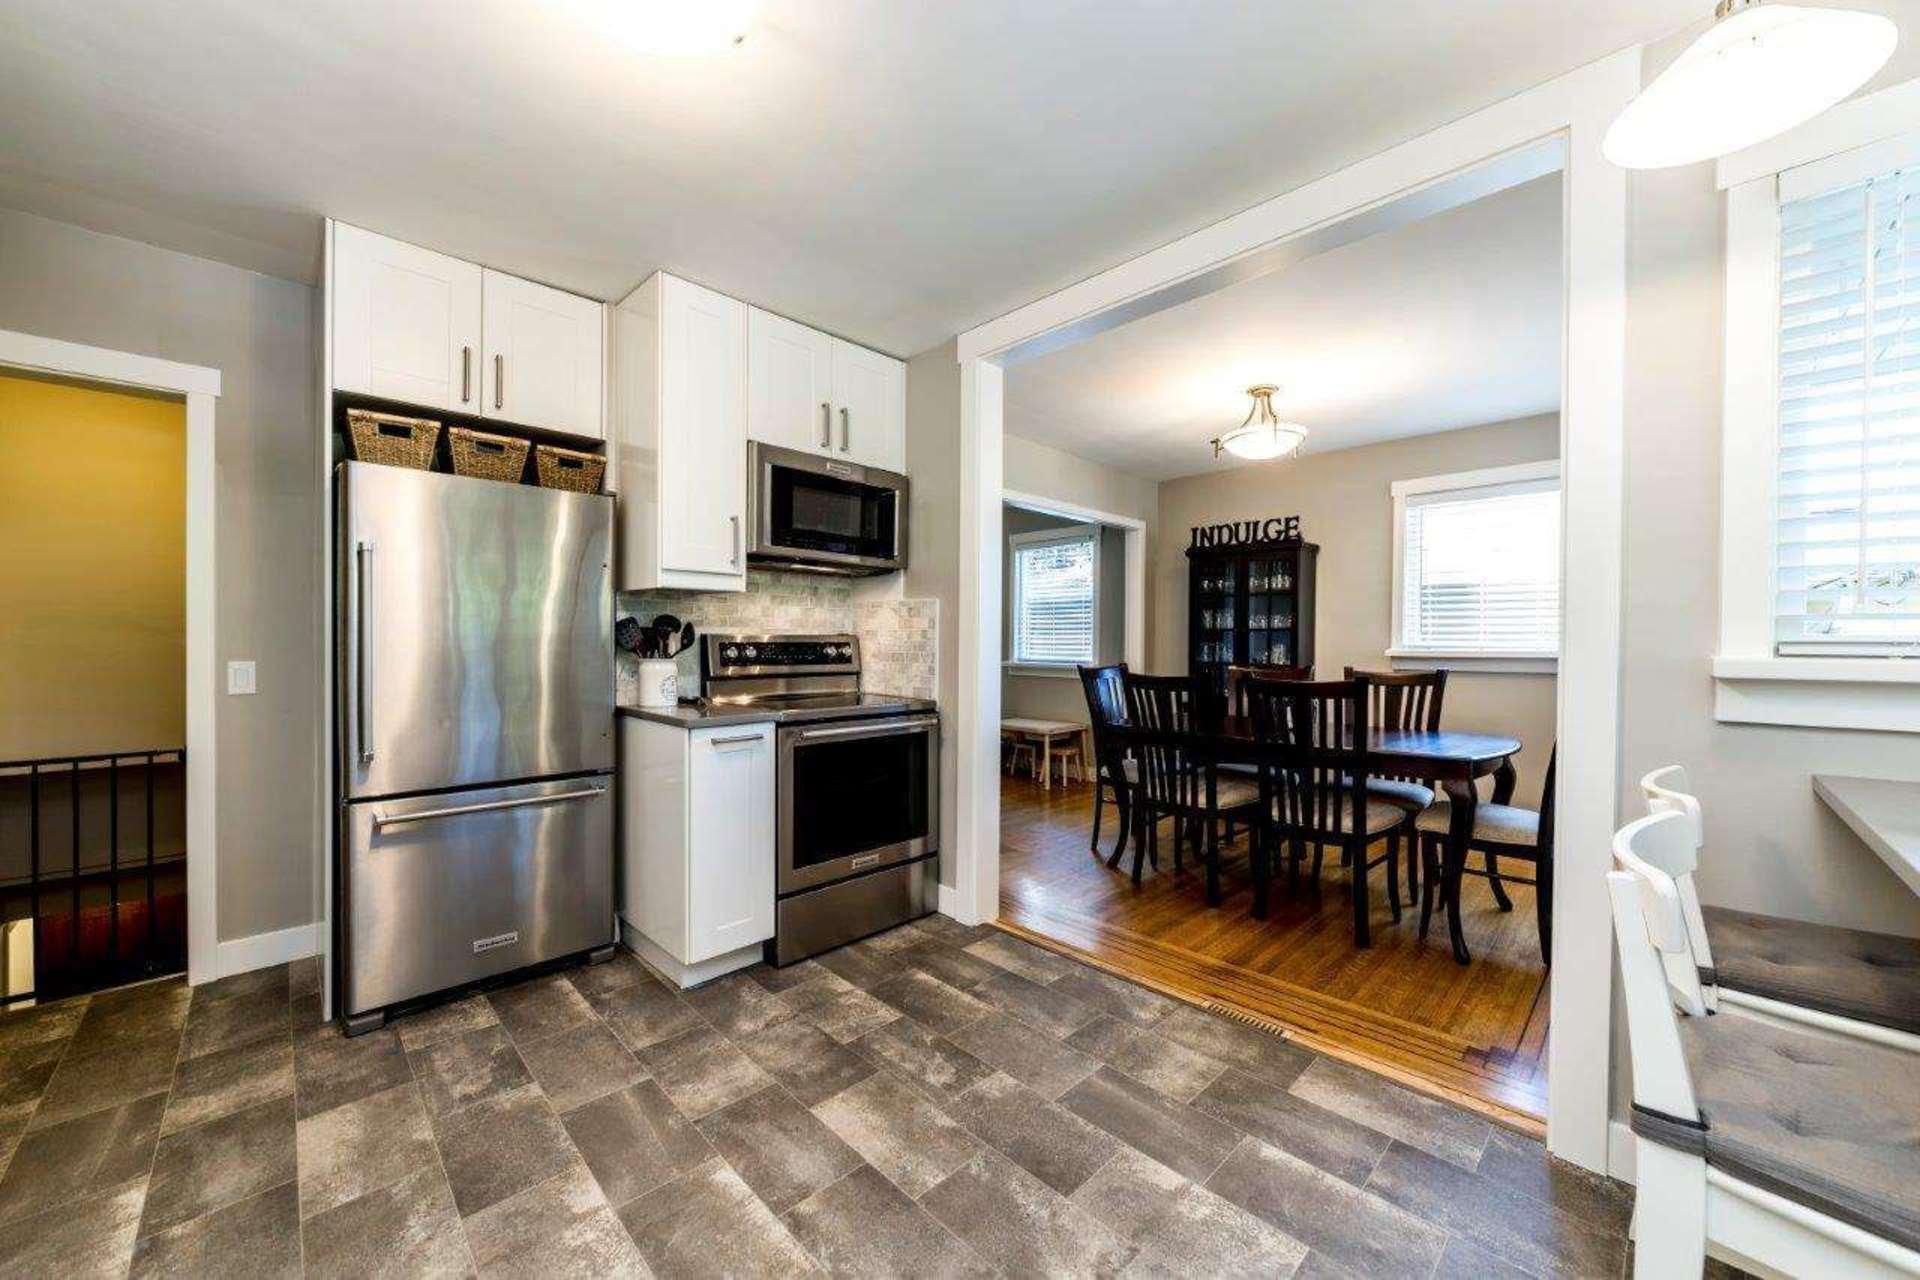 2421-jones-avenue-central-lonsdale-north-vancouver-11 at 2421 Jones Avenue, Central Lonsdale, North Vancouver